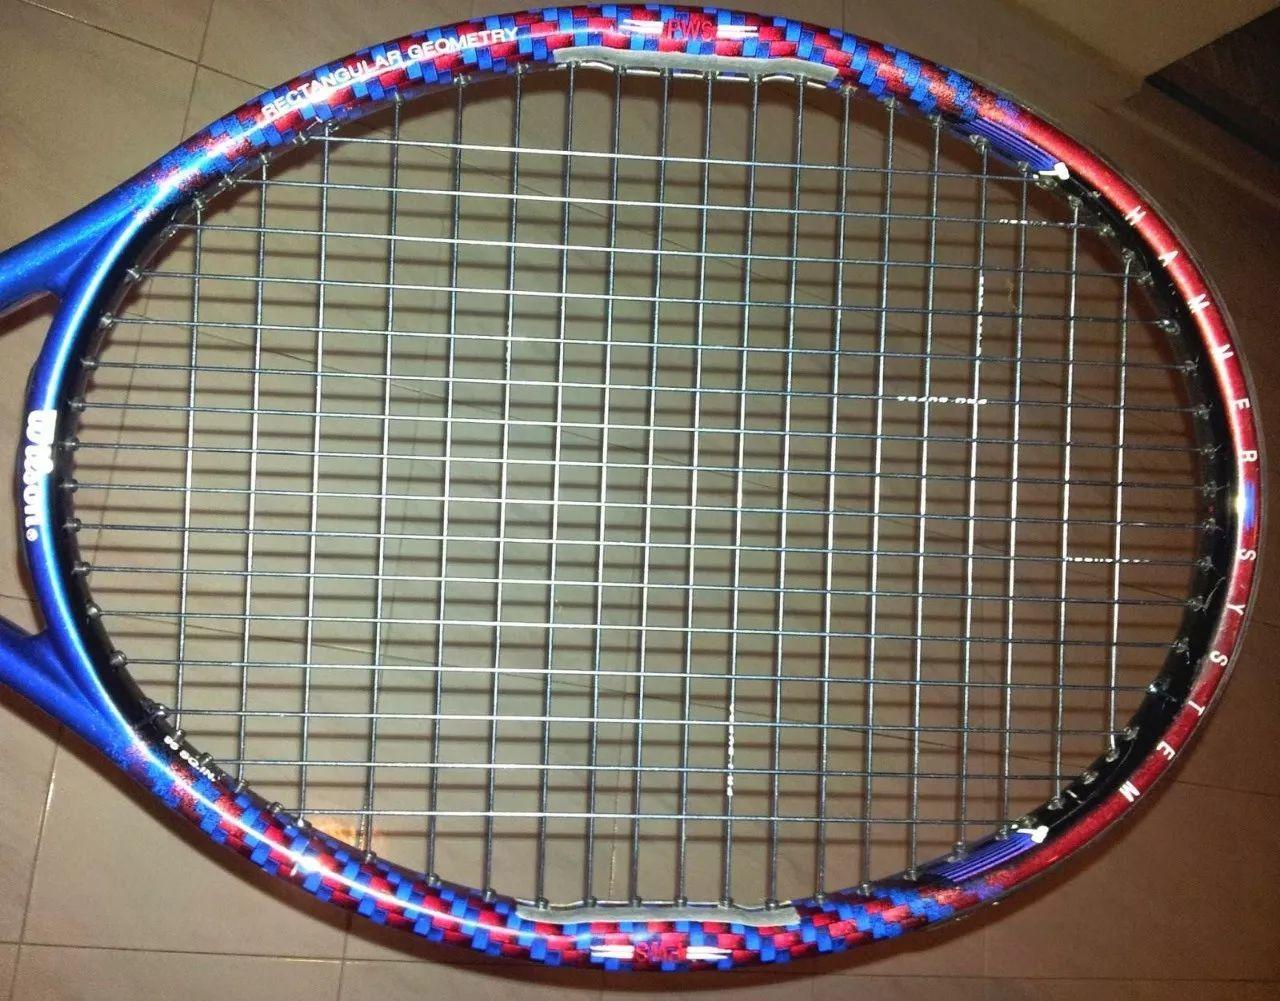 网球联合会比赛禁止的面条拉线法,试打报告出炉!